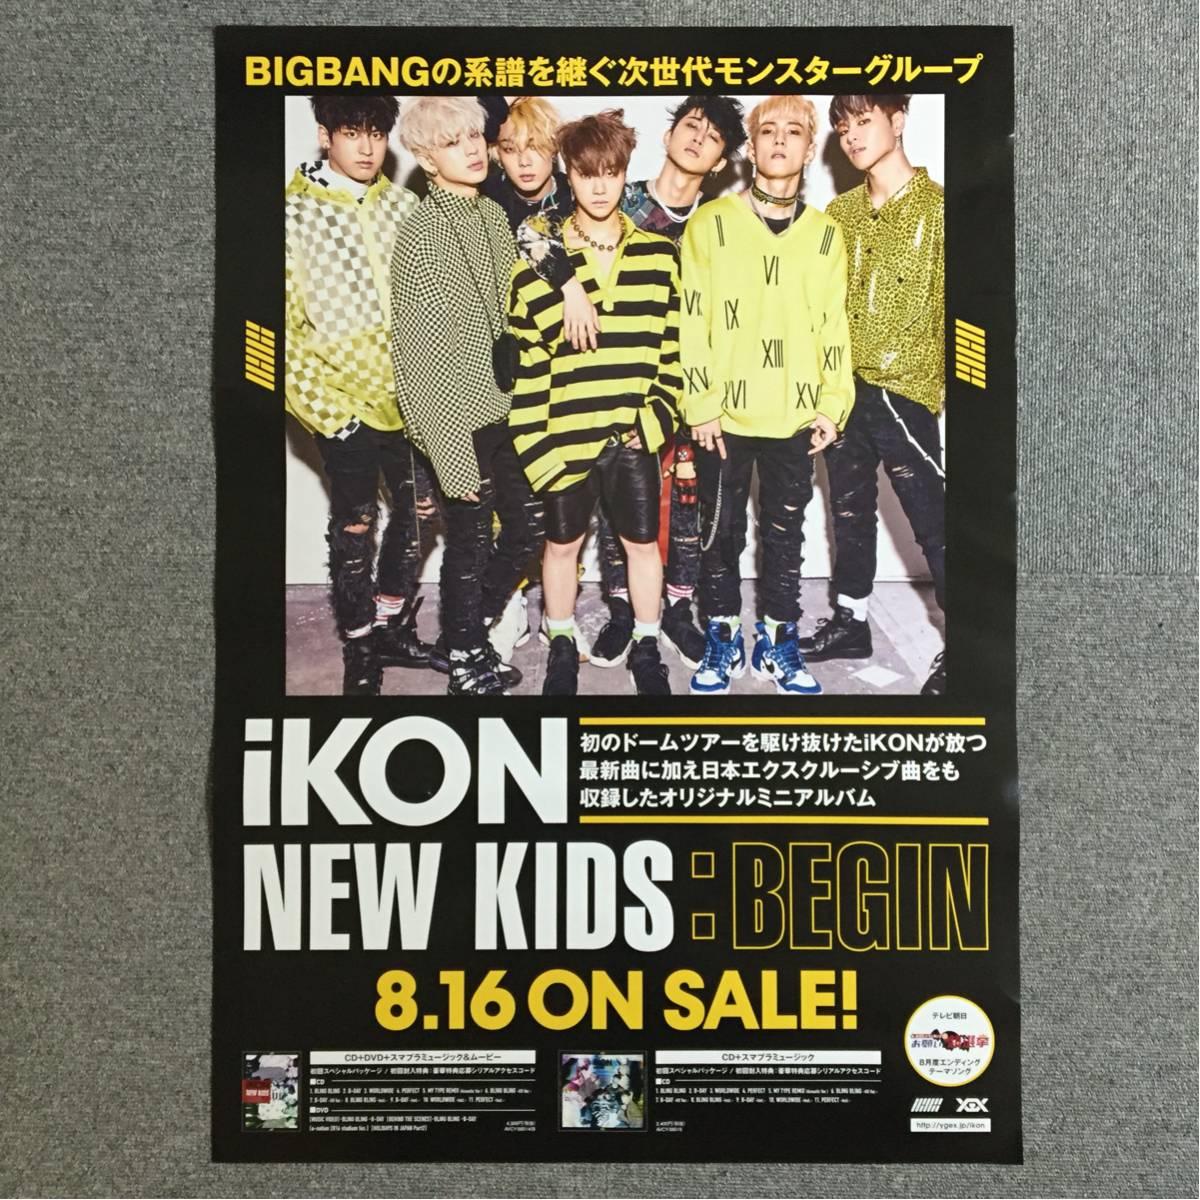 iKON ポスター 【難あり】